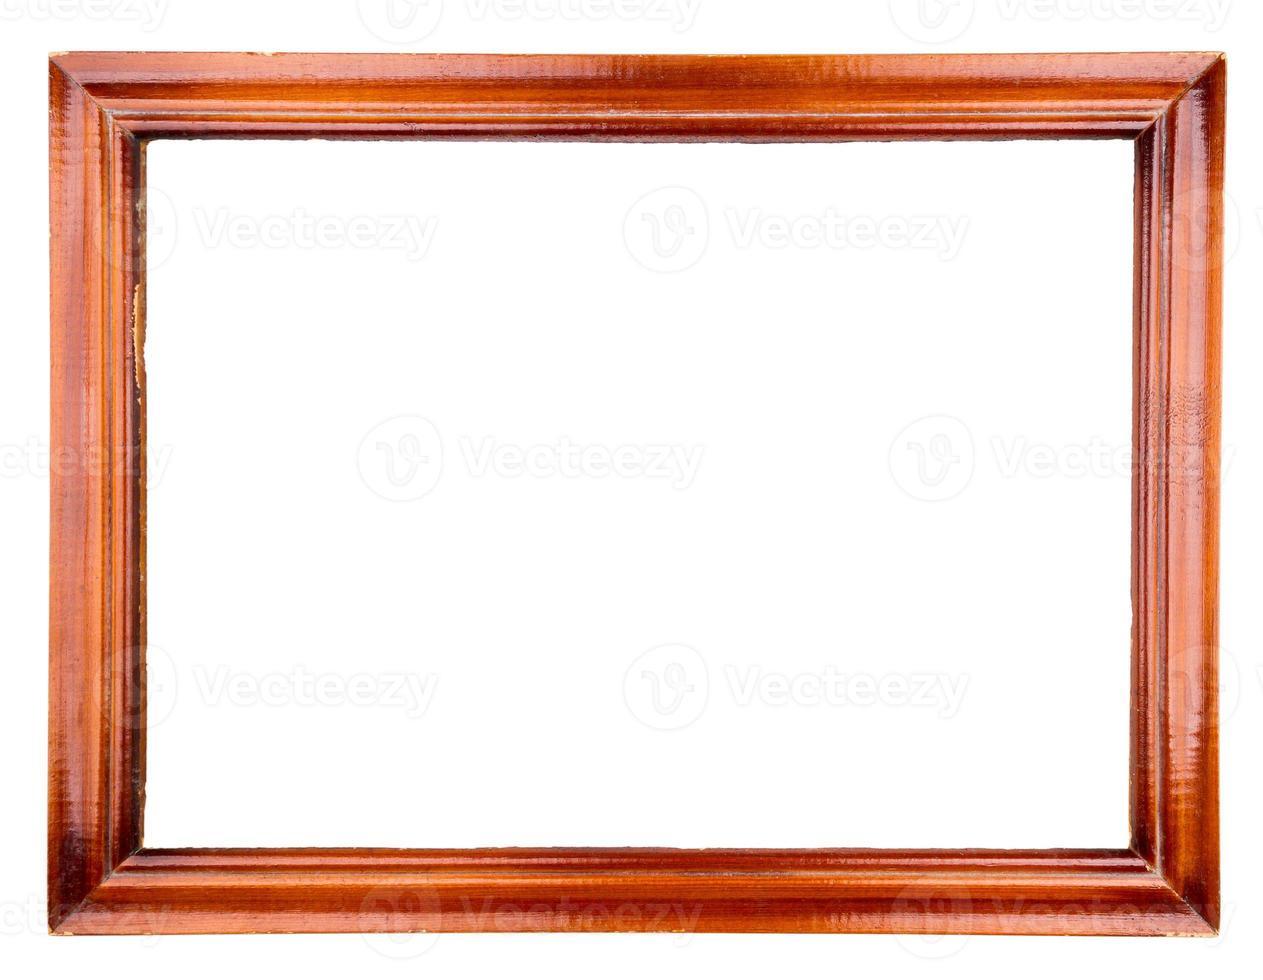 moldura de madeira velha foto